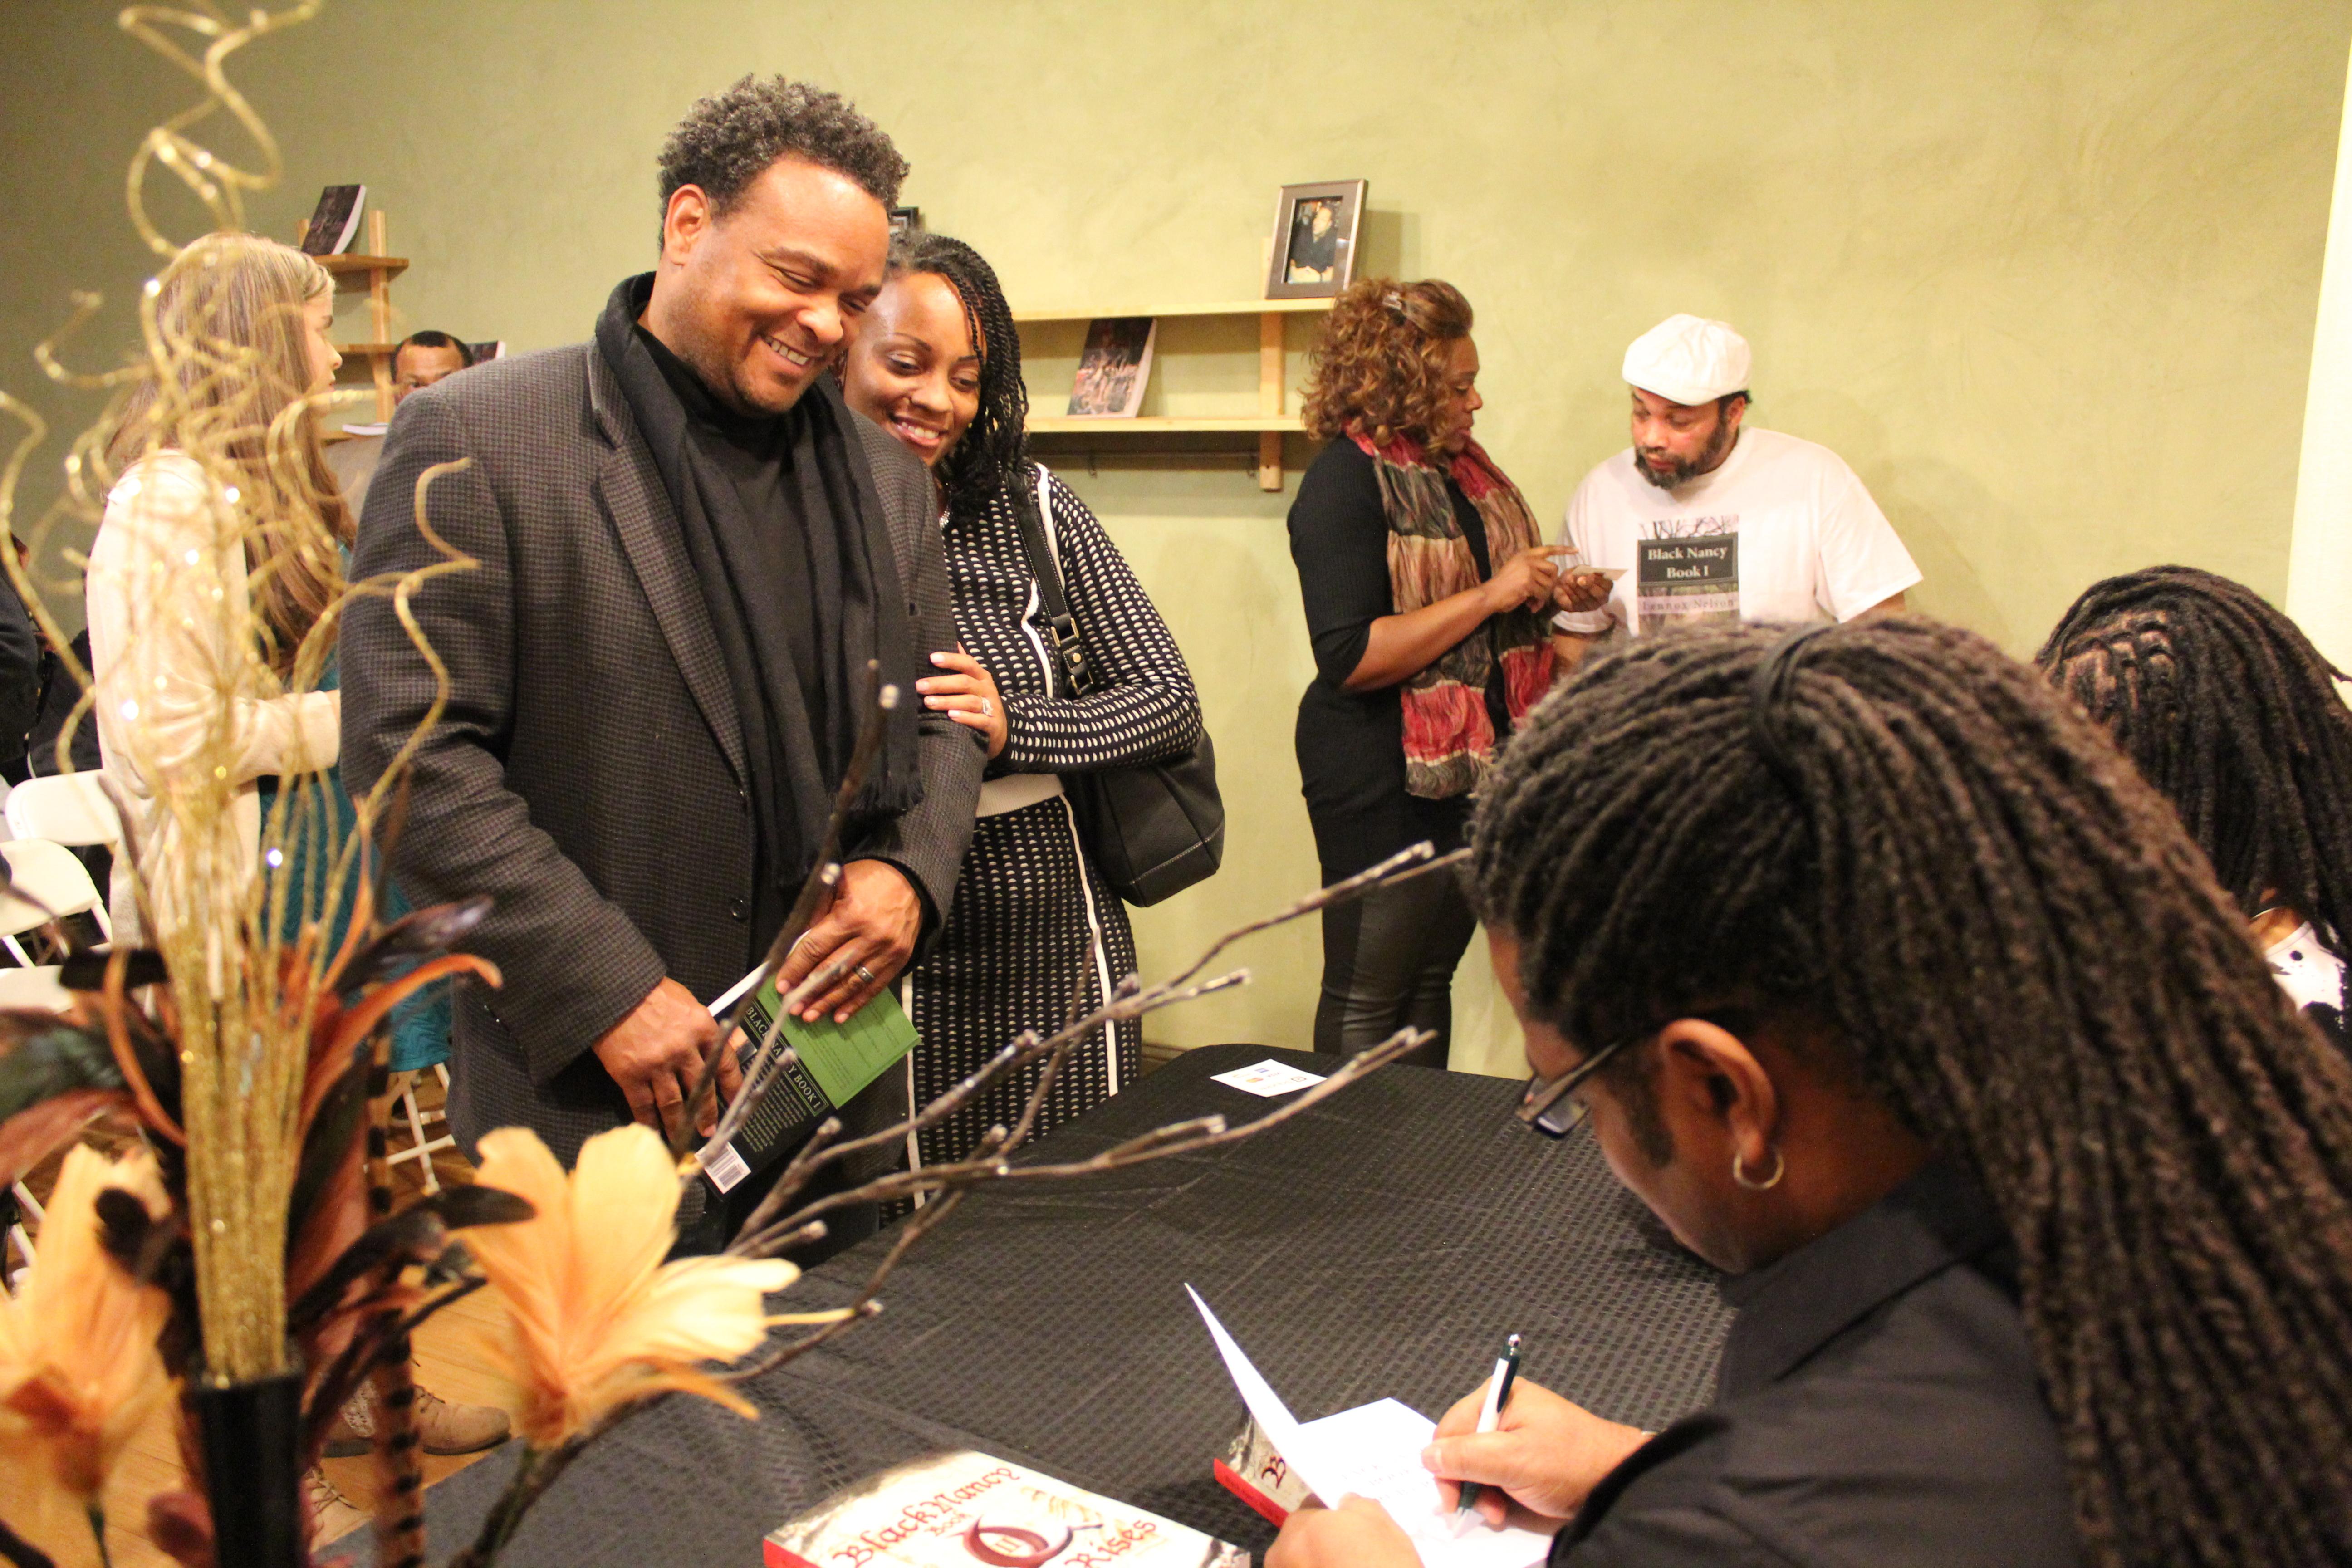 Lennox signing an original